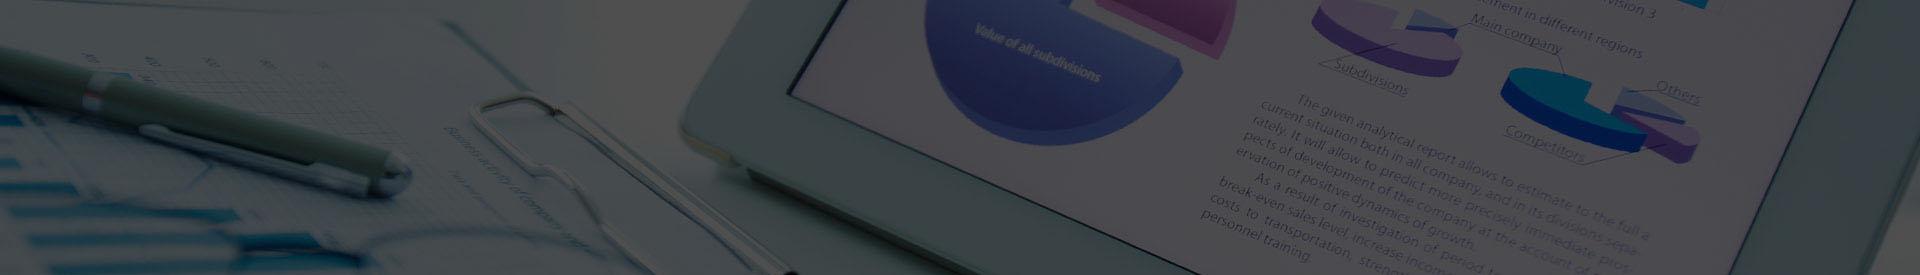 seo-audit-slider123